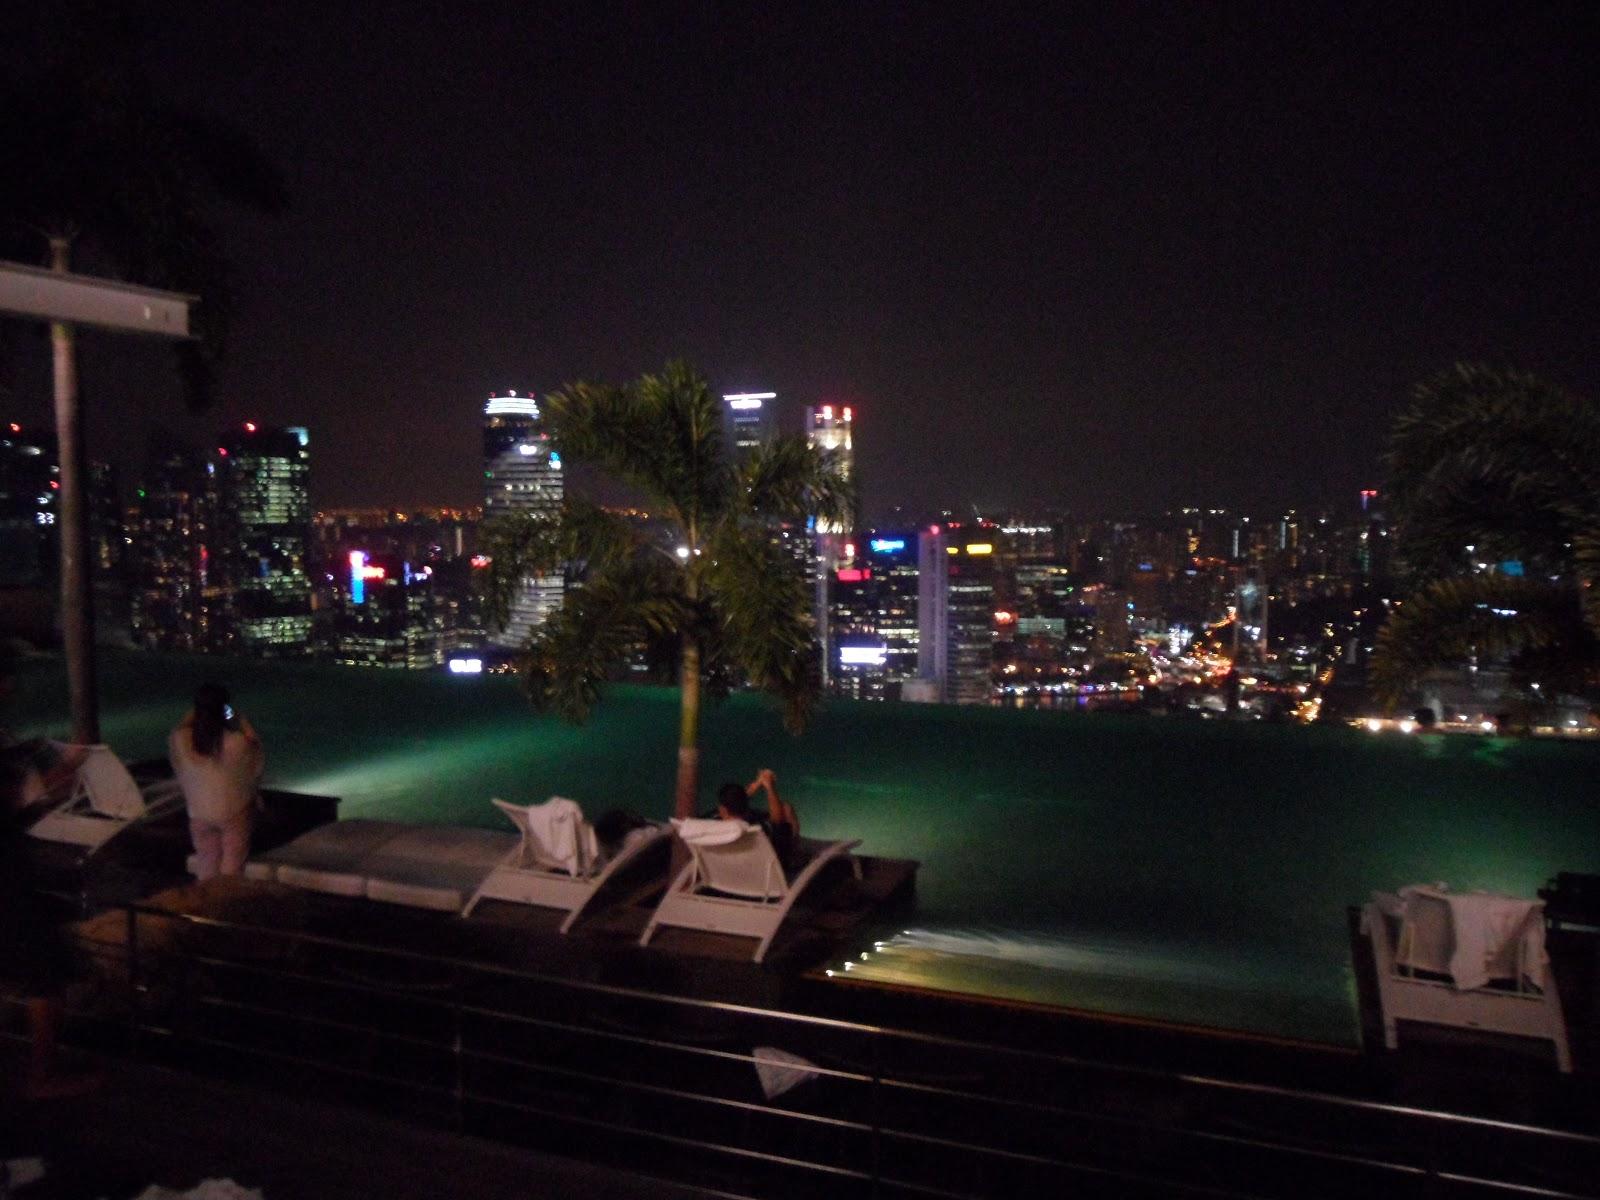 auslandssemester in singapur 2013 chocolate bar und infinity pool paulaner und bayernspiel. Black Bedroom Furniture Sets. Home Design Ideas